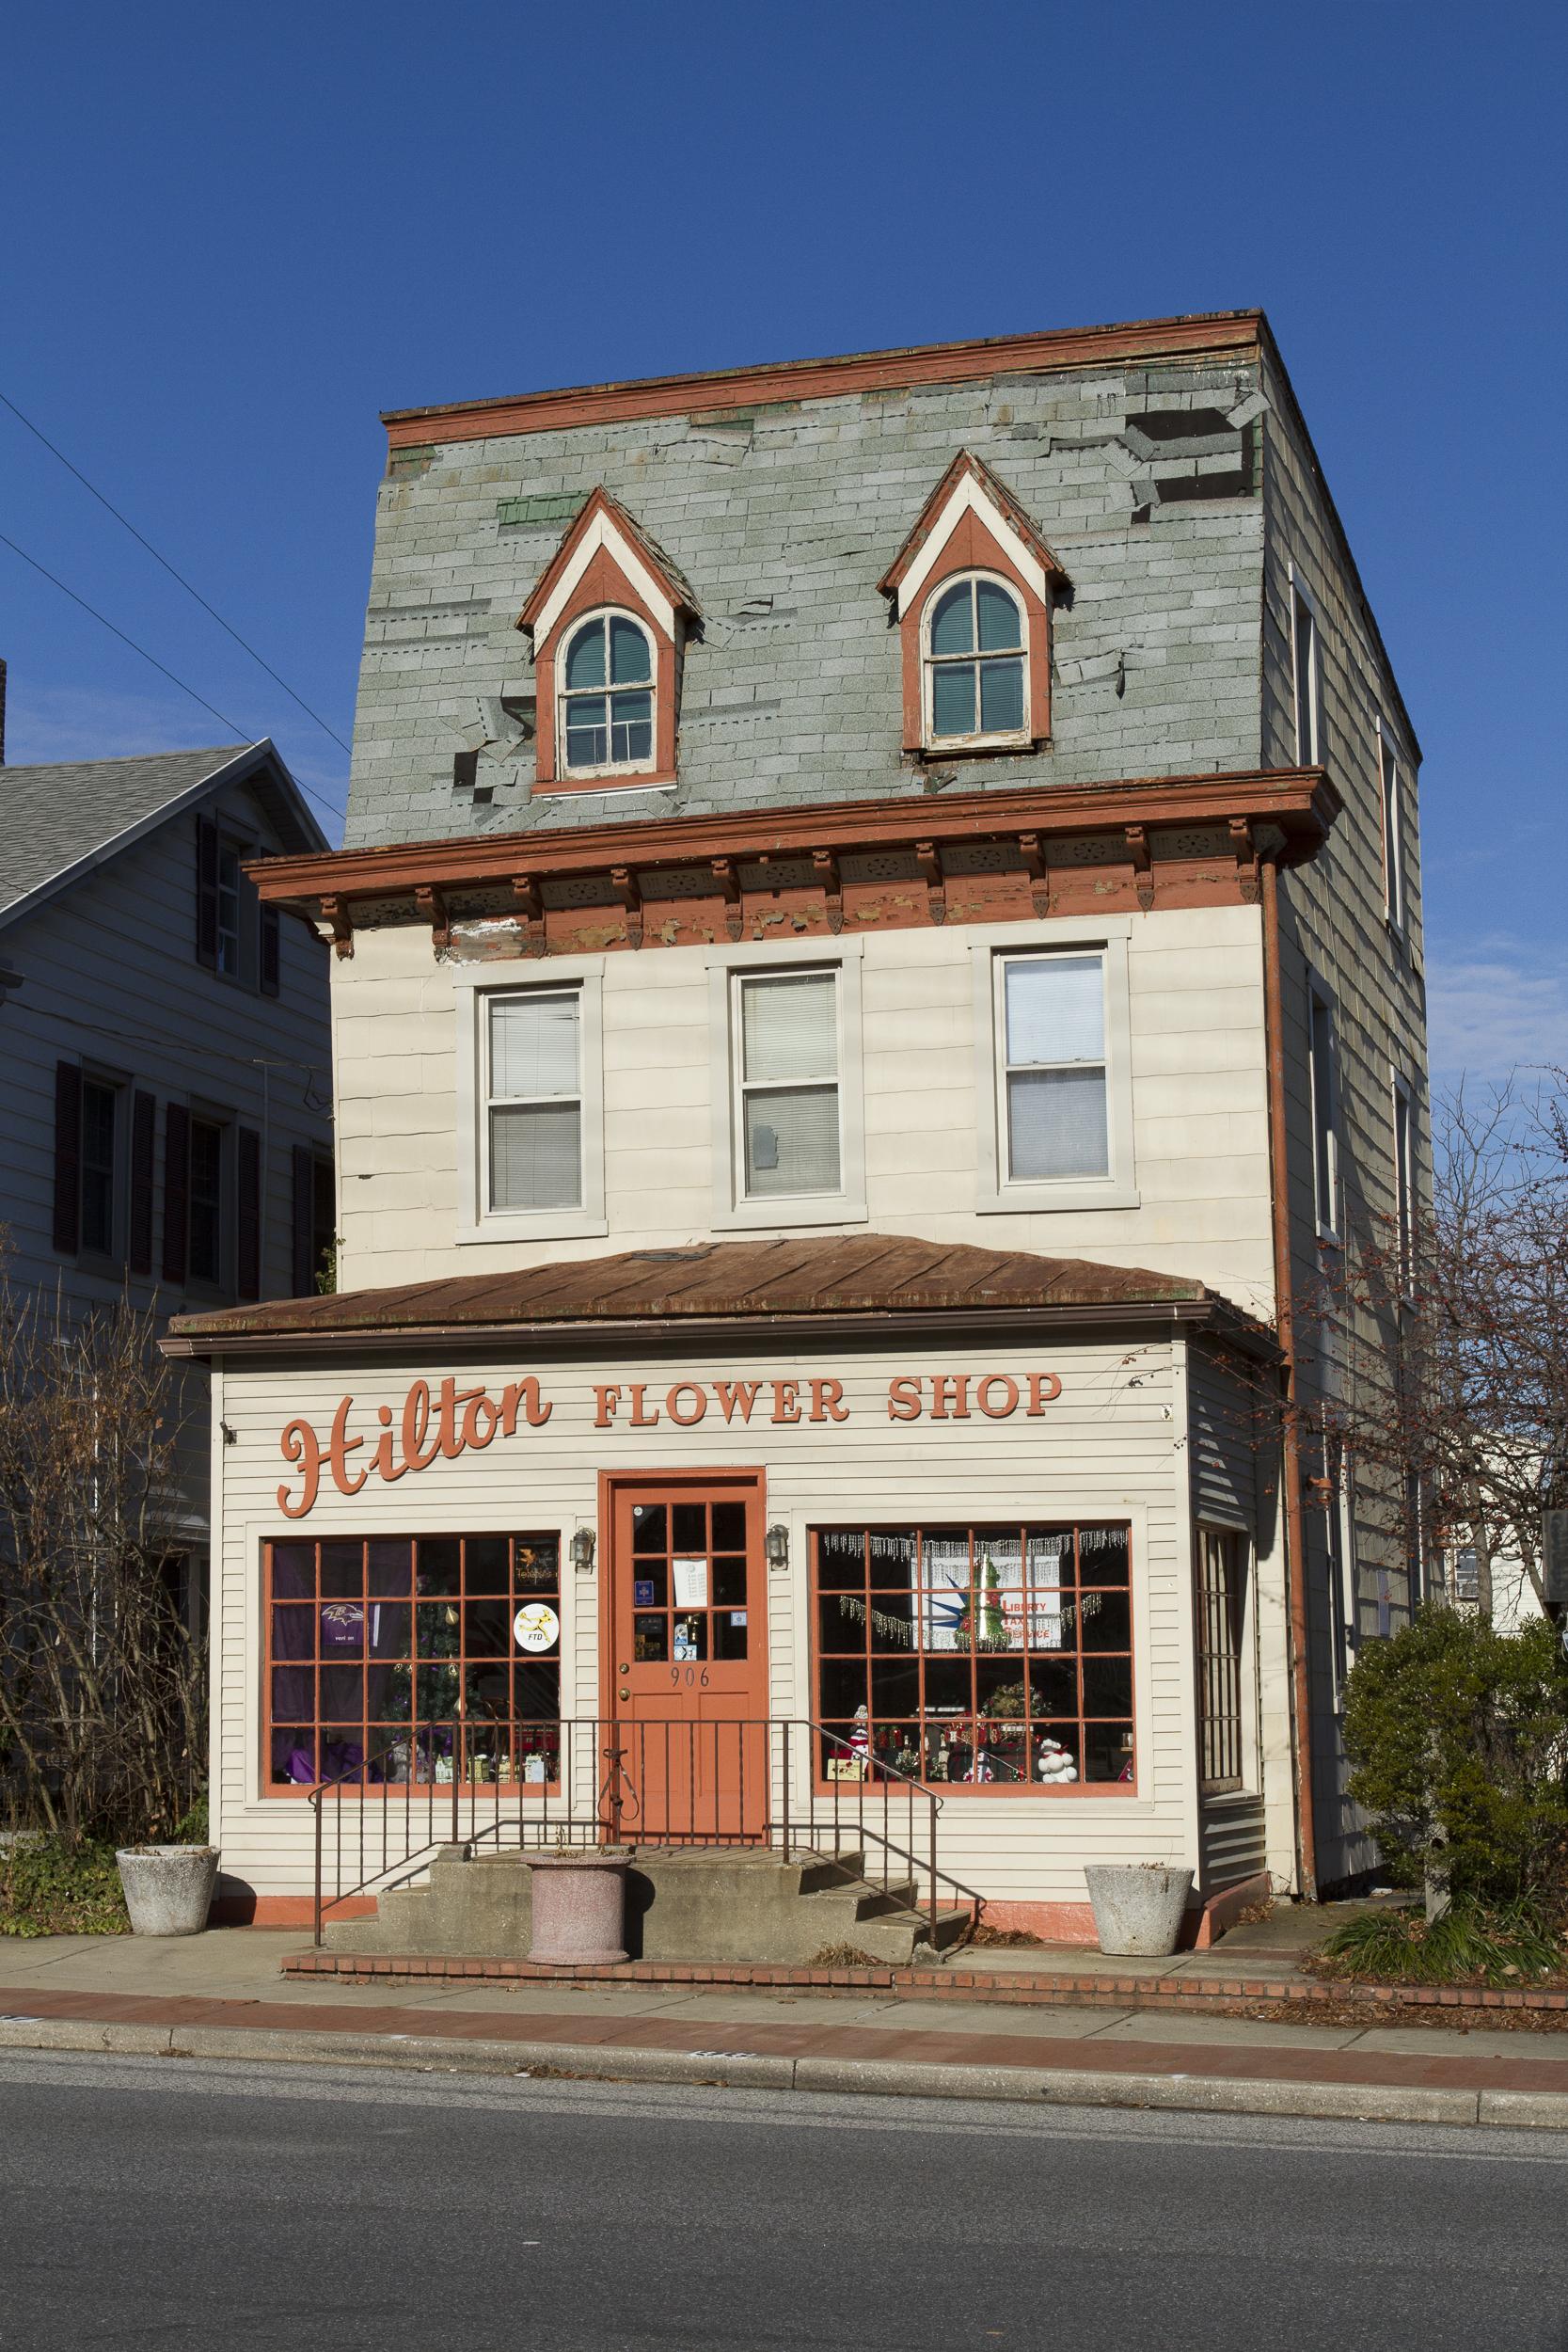 Hilton Flower Shop